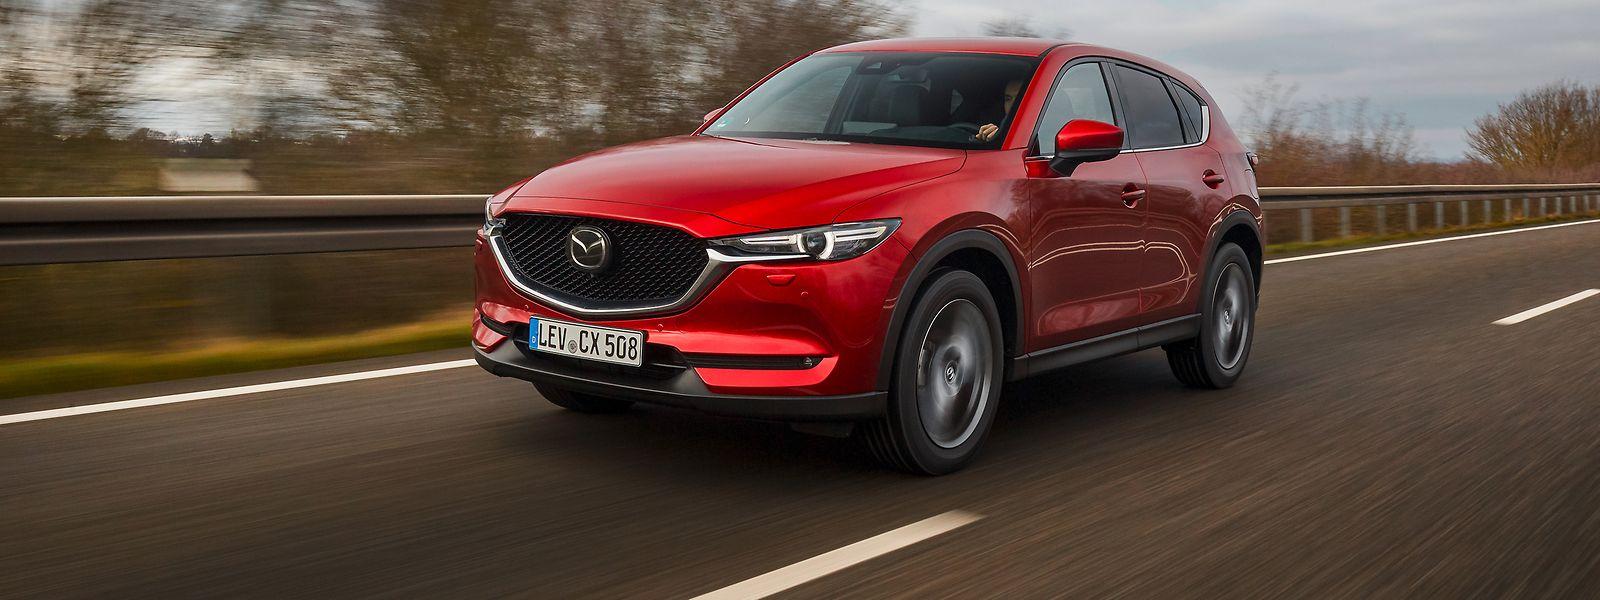 Der neue Mazda CX-5 ist schlicht und elegant - ohne protzig oder aggressiv zu wirken.